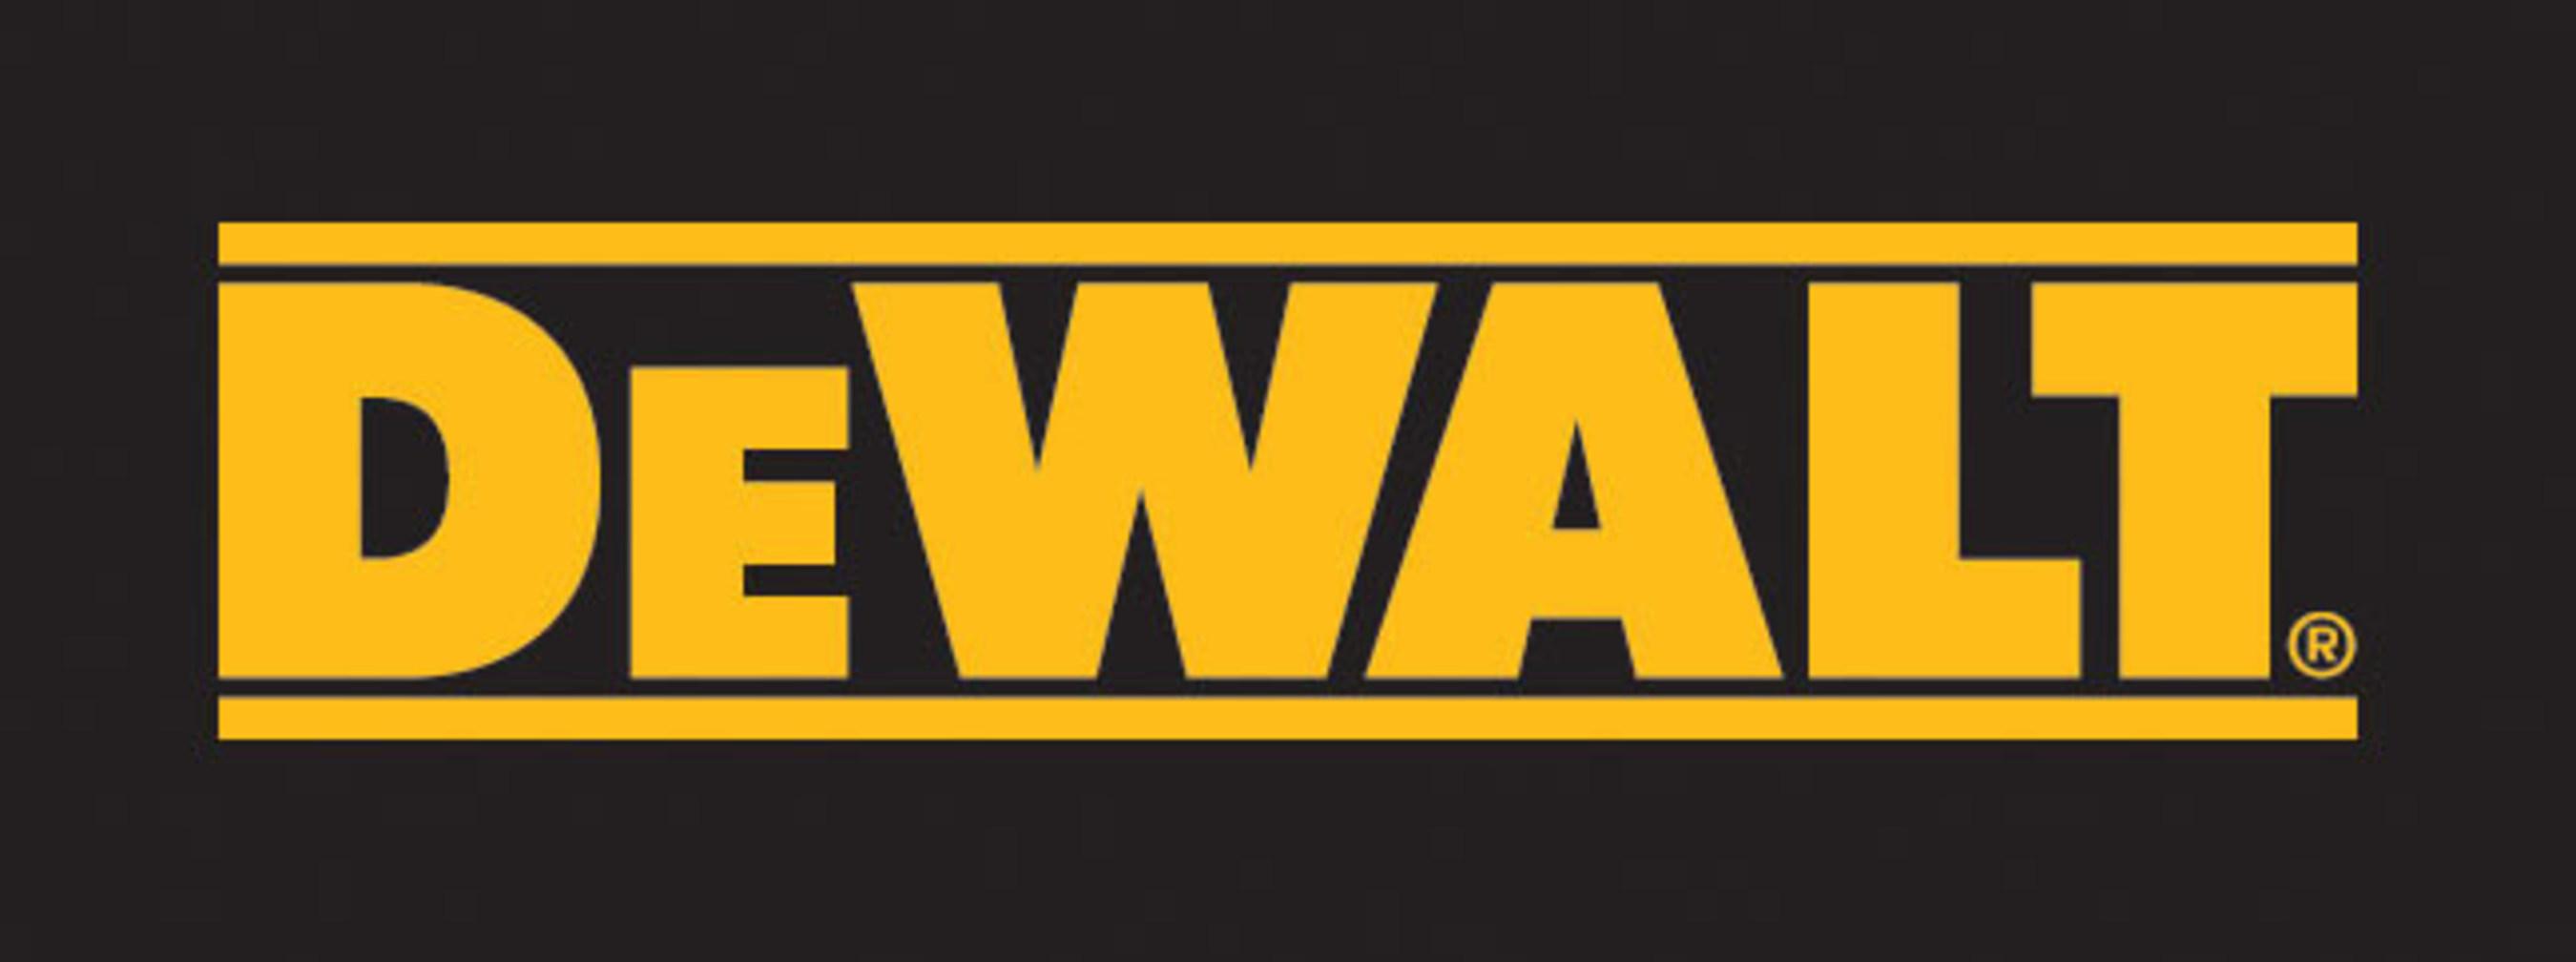 DeWalt Logo.